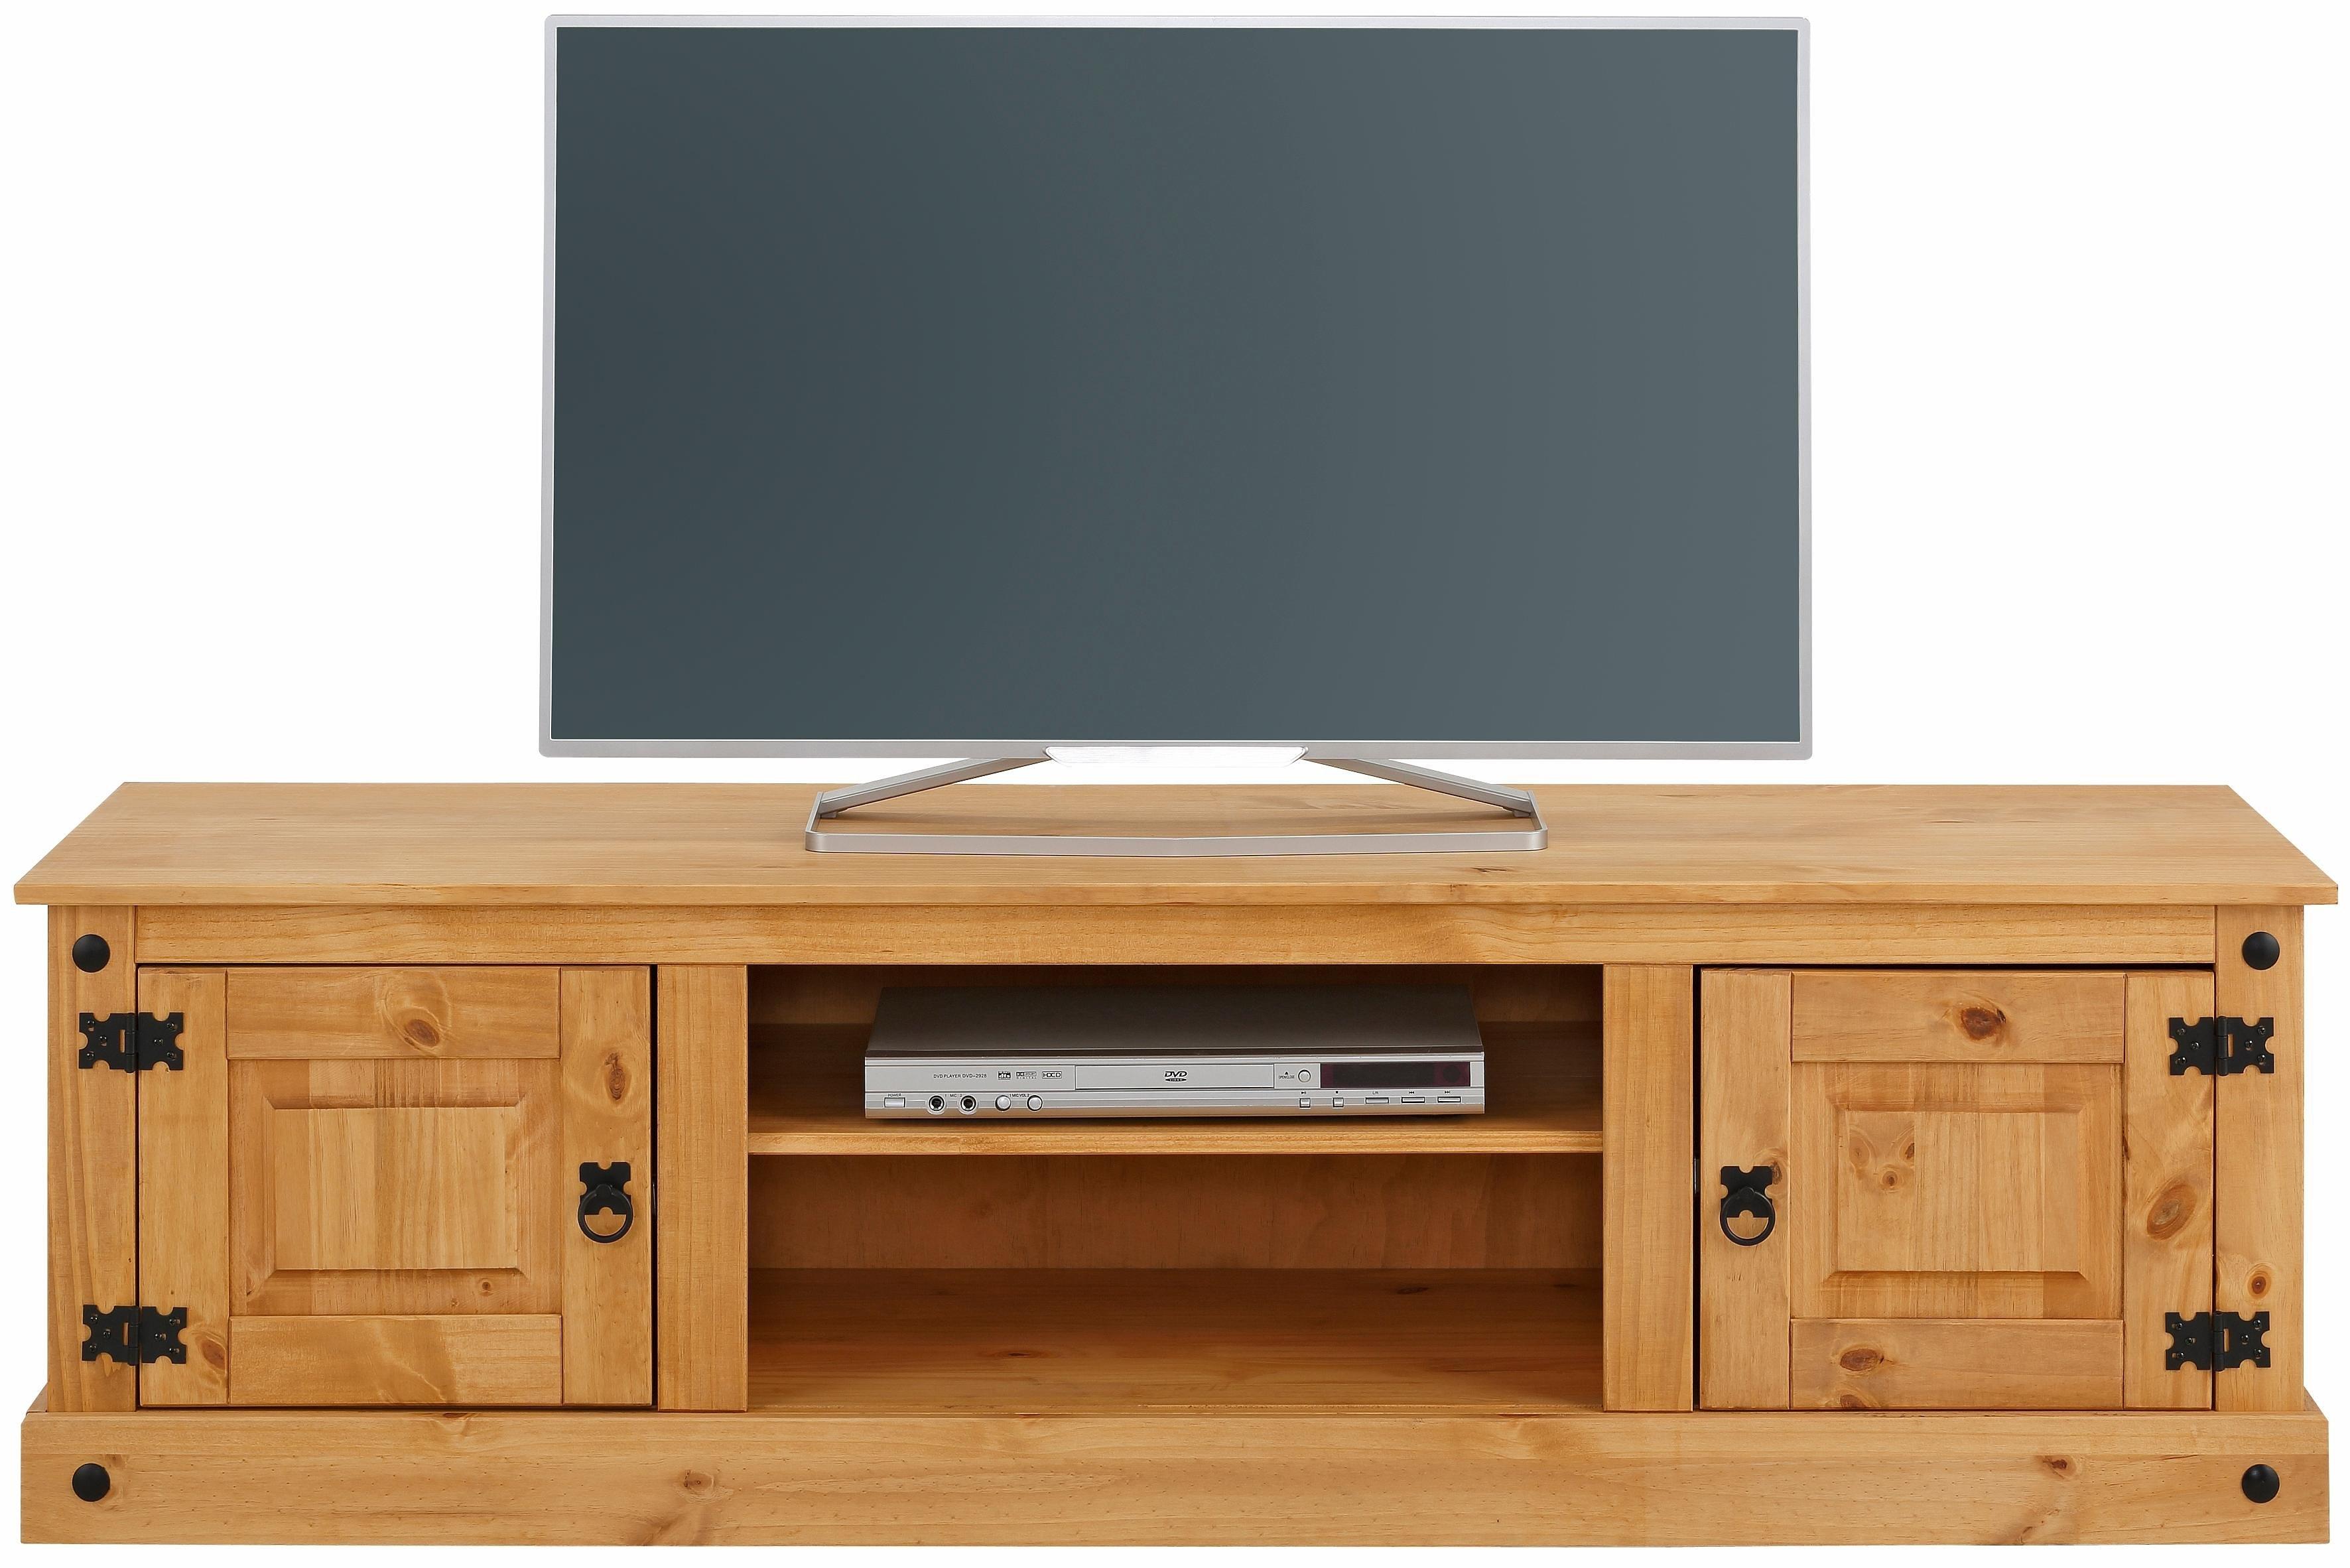 Home affaire tv-meubel MEXICO Tv-tafel breedte 160 cm bestellen: 30 dagen bedenktijd